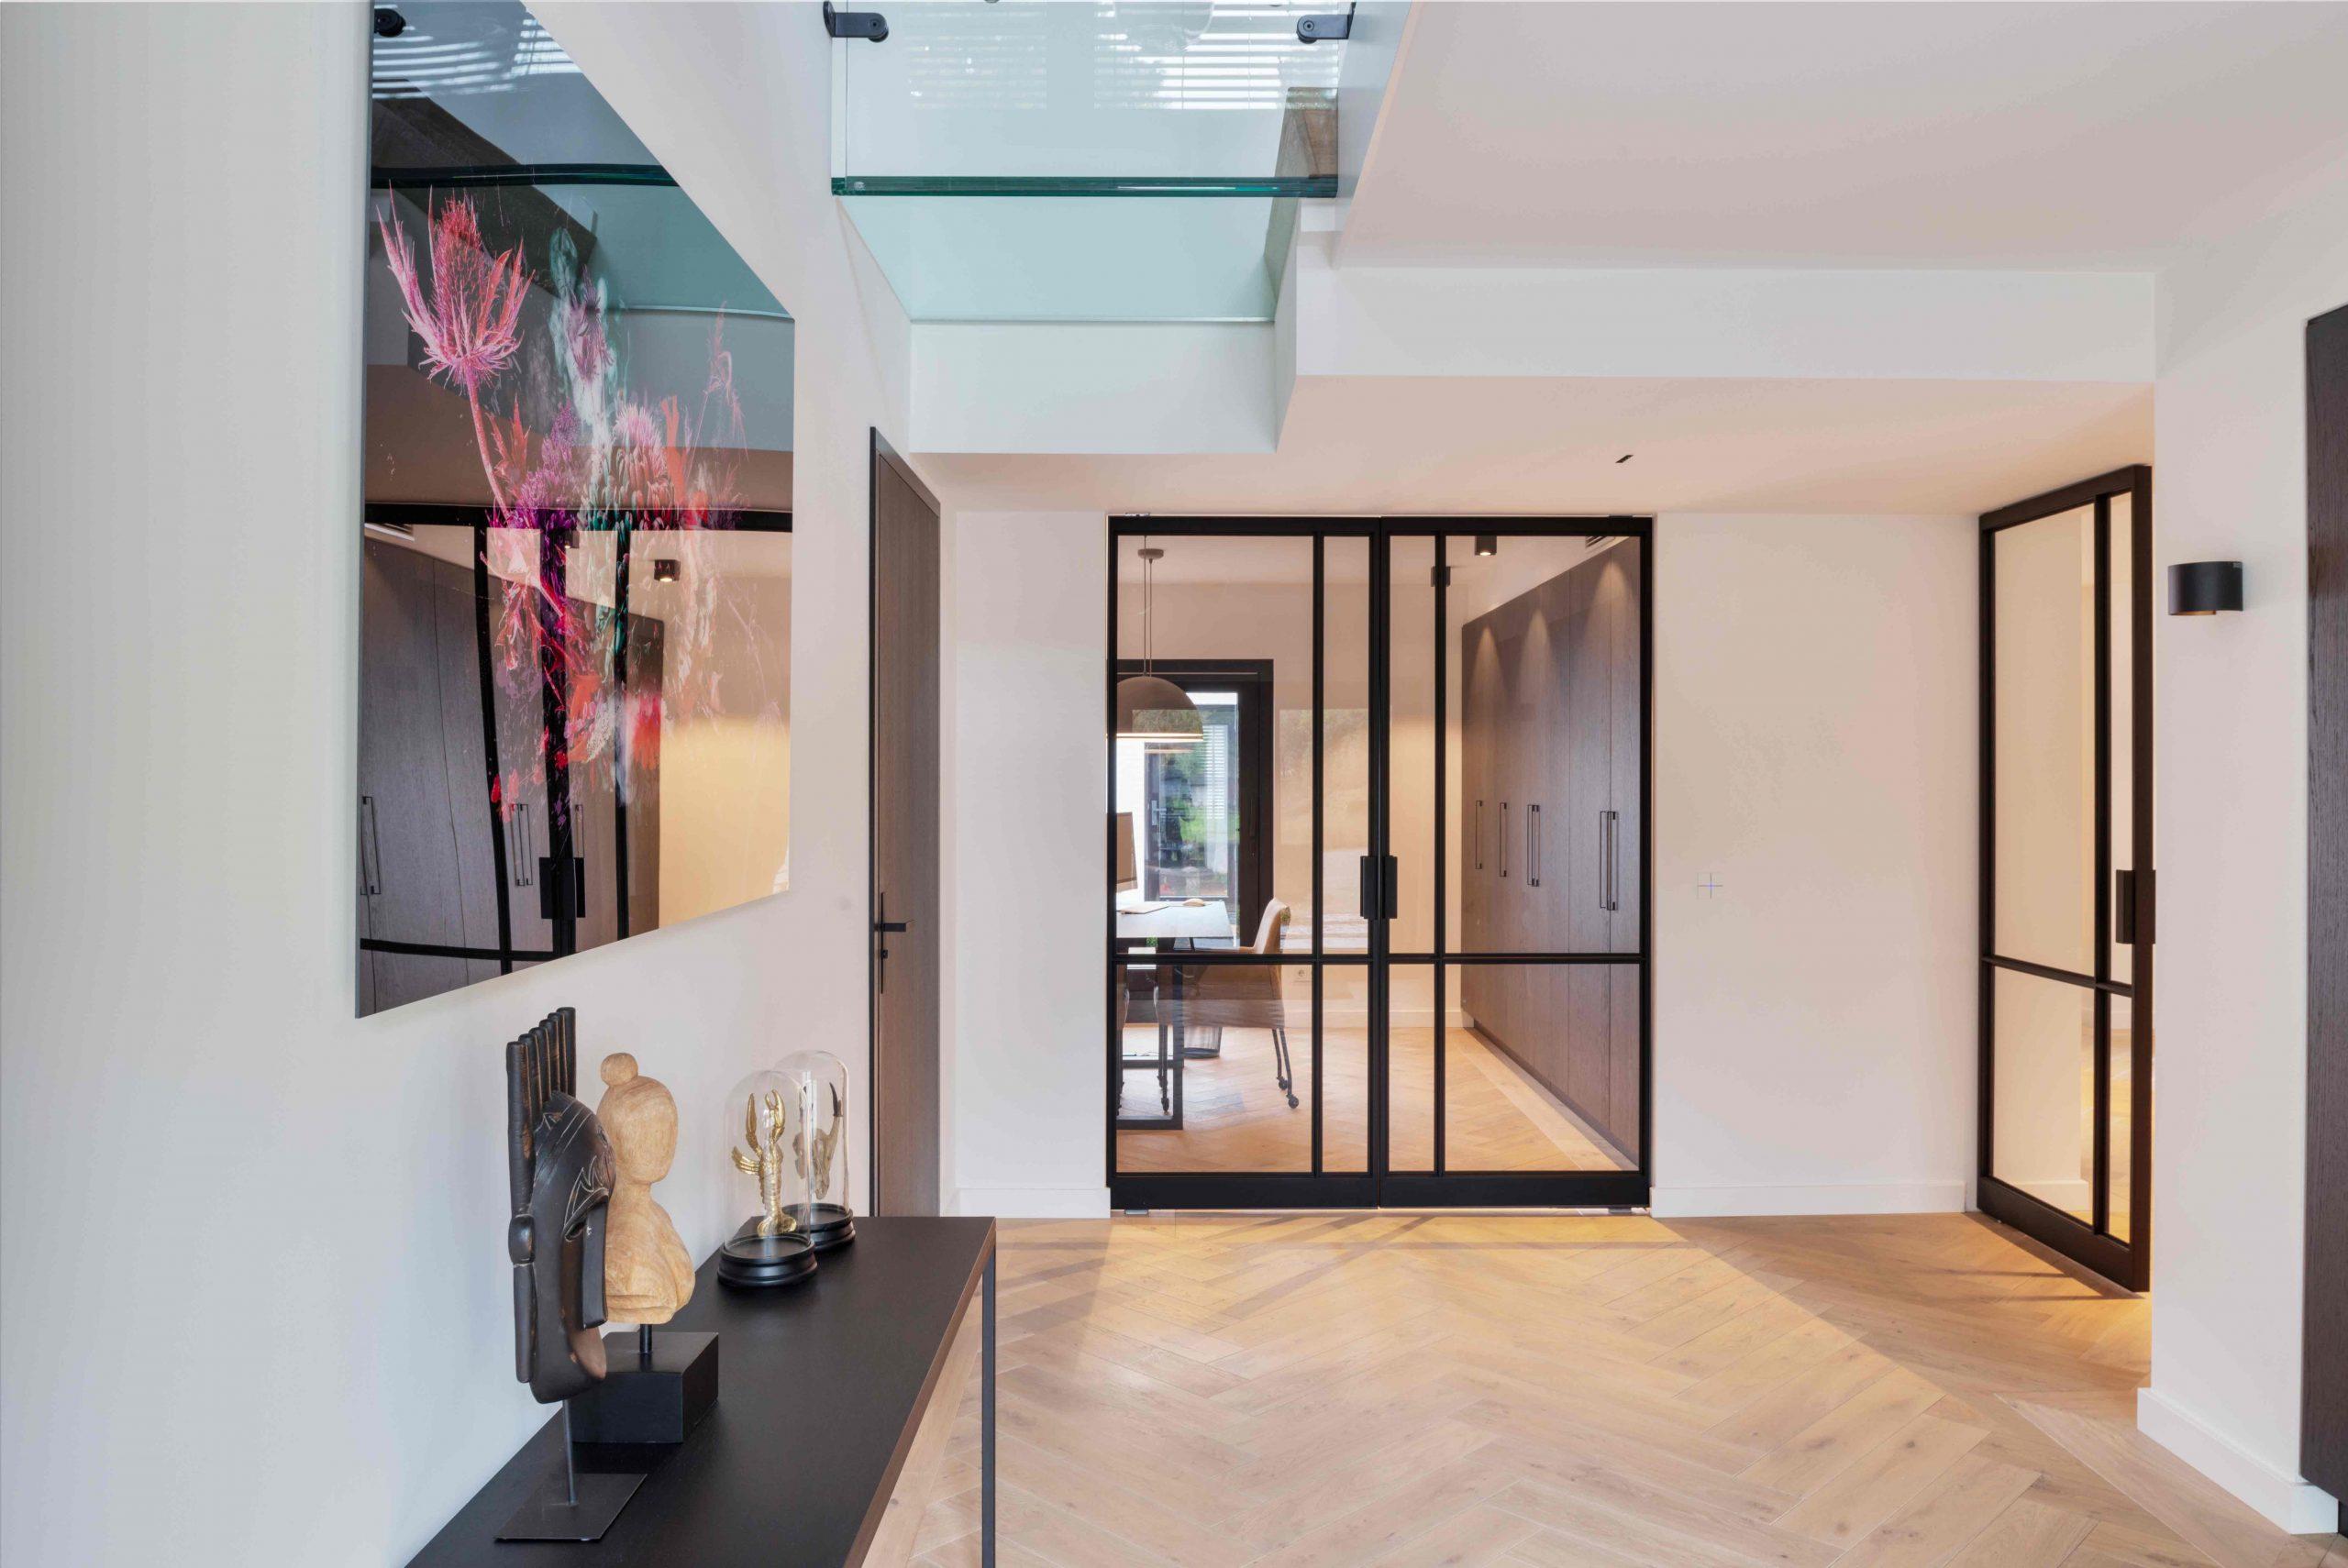 2598-multiple-glass-and-steel-pivot-doors-designed-by-preferro-fritsjurgens-pivot-hinges-inside-scaled.jpg